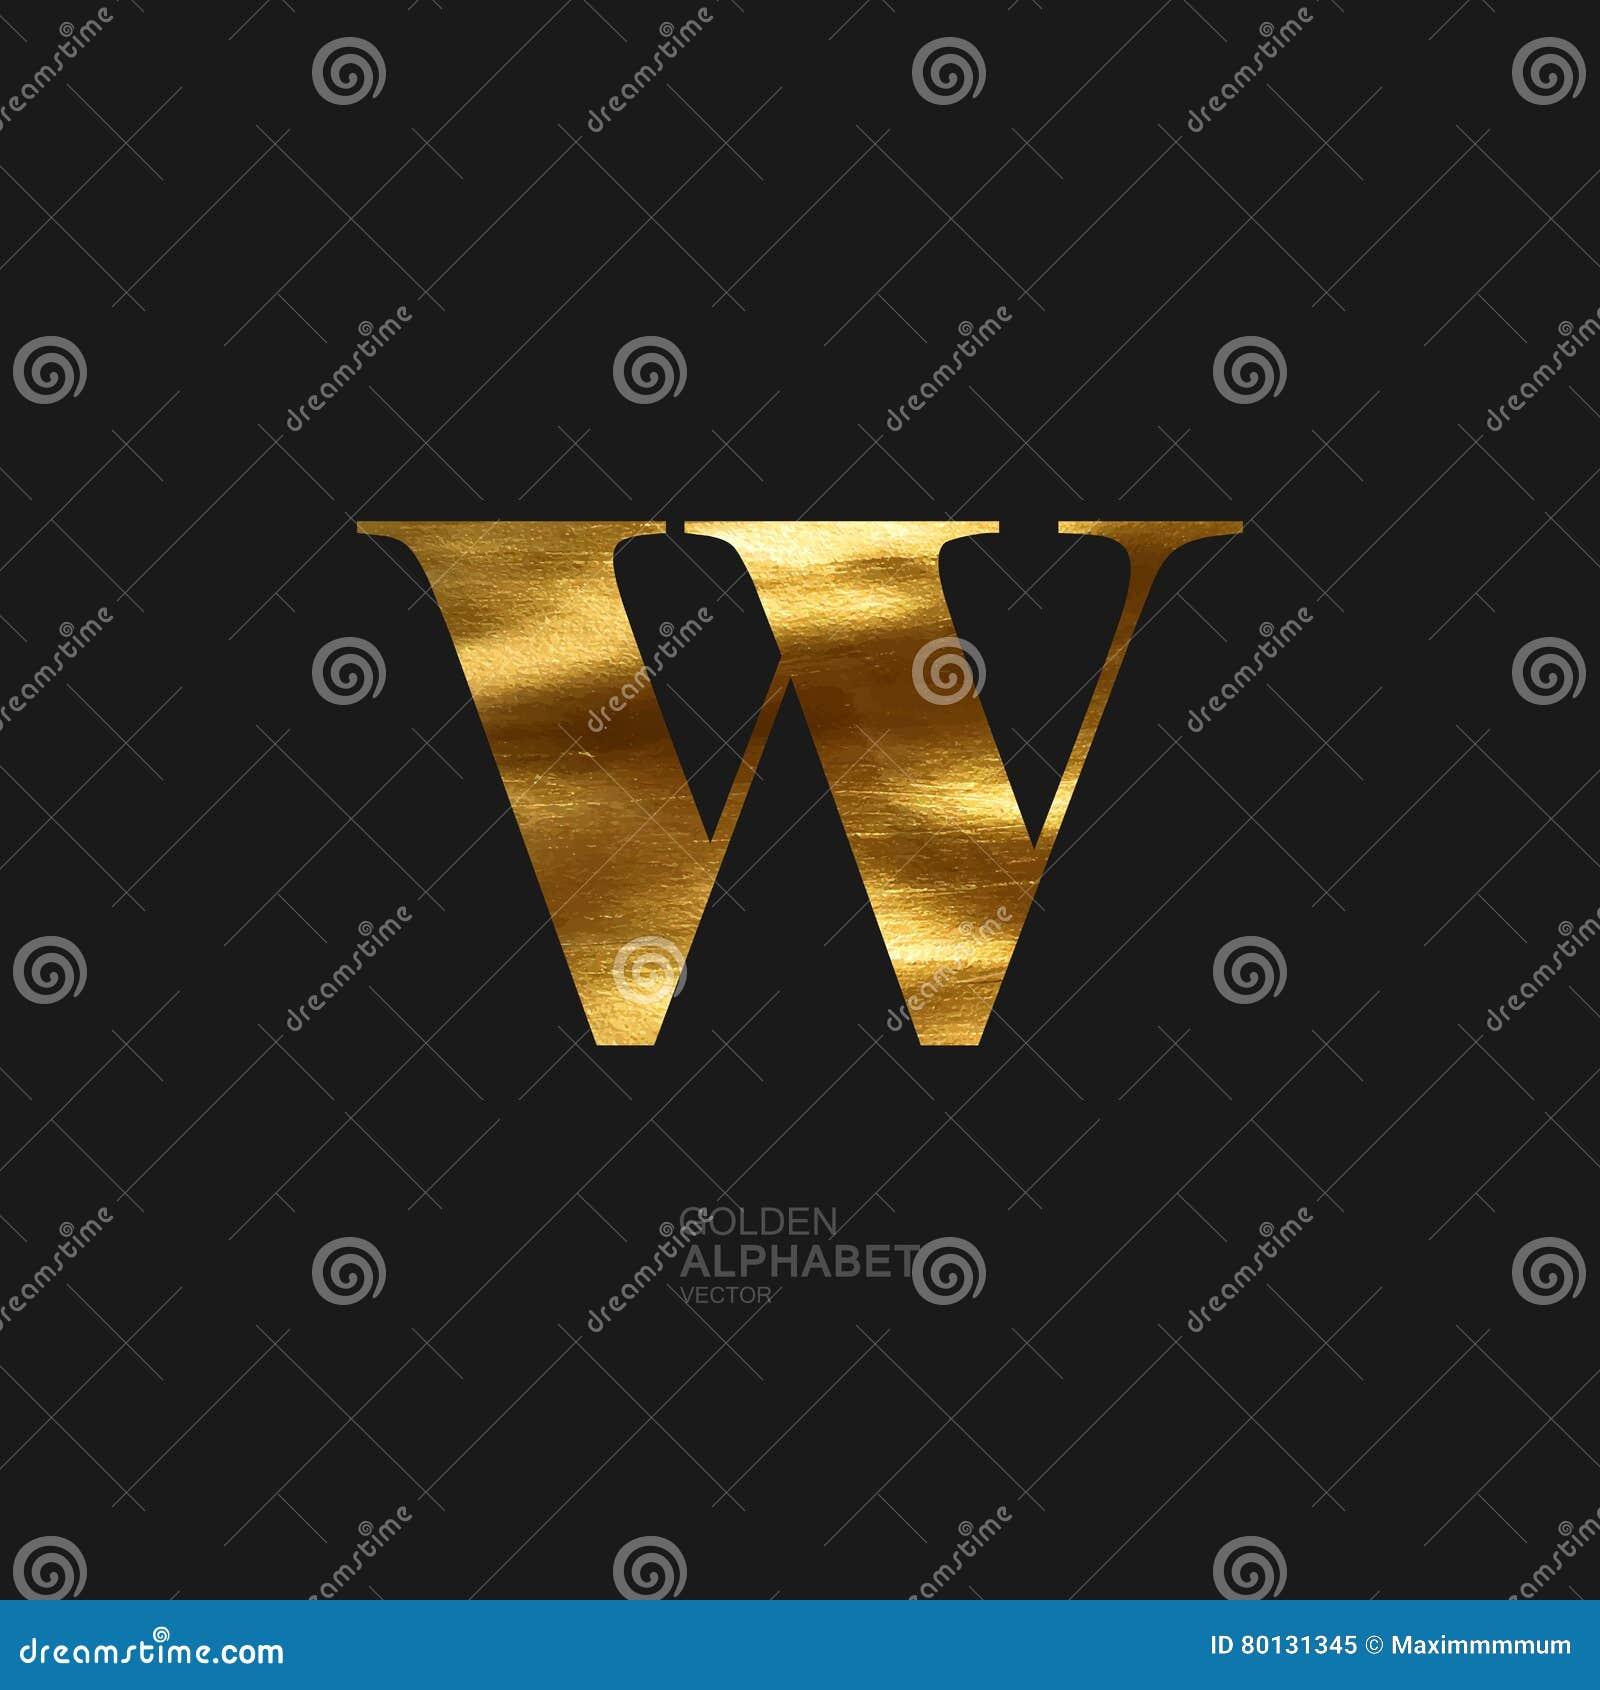 Golden letter W